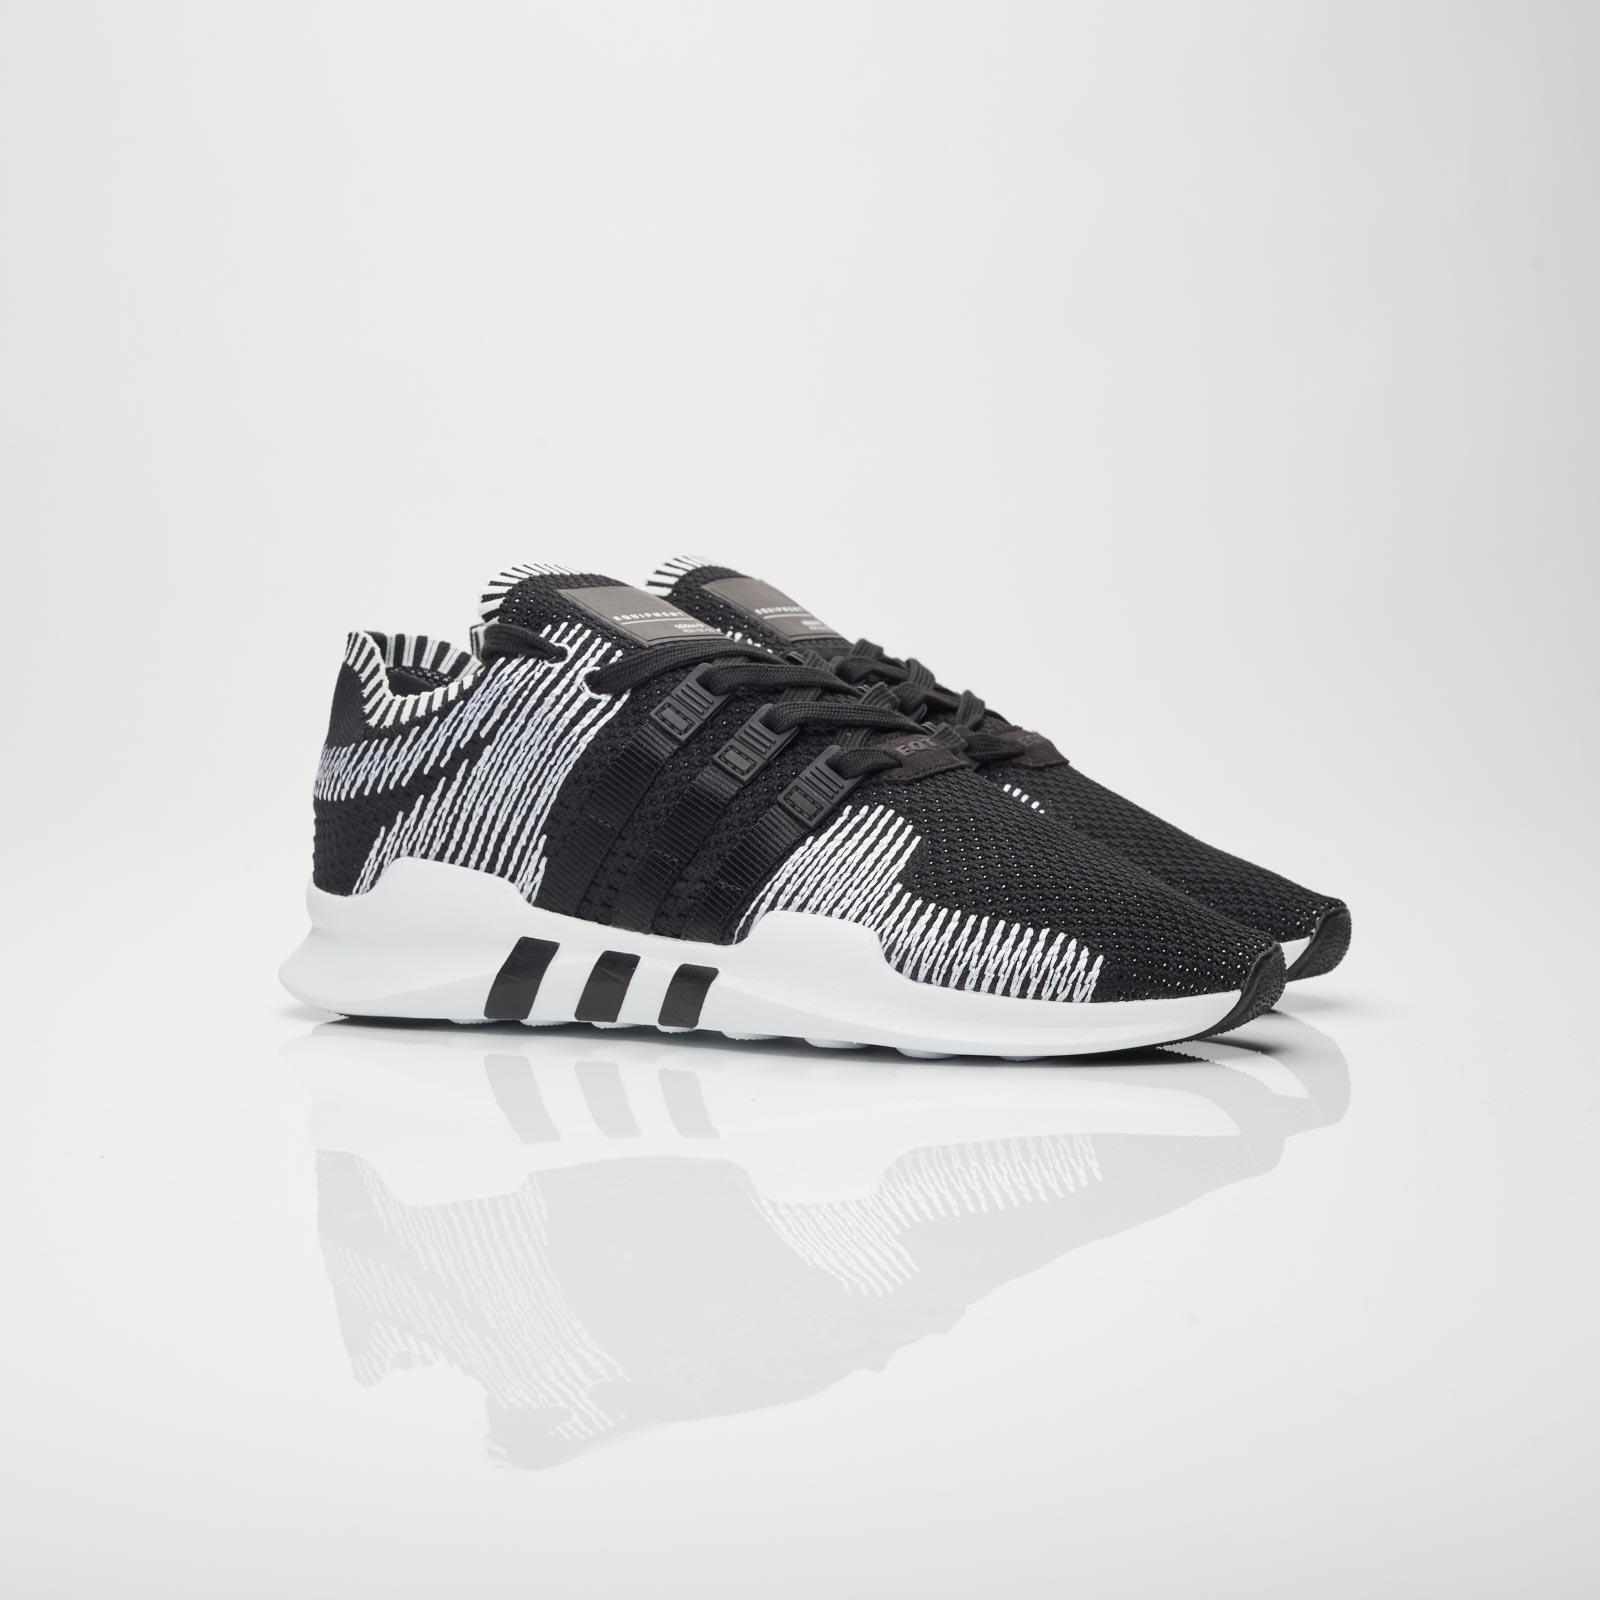 adidas eqt appoggio avanzata pk by9390 sneakersnstuff scarpe